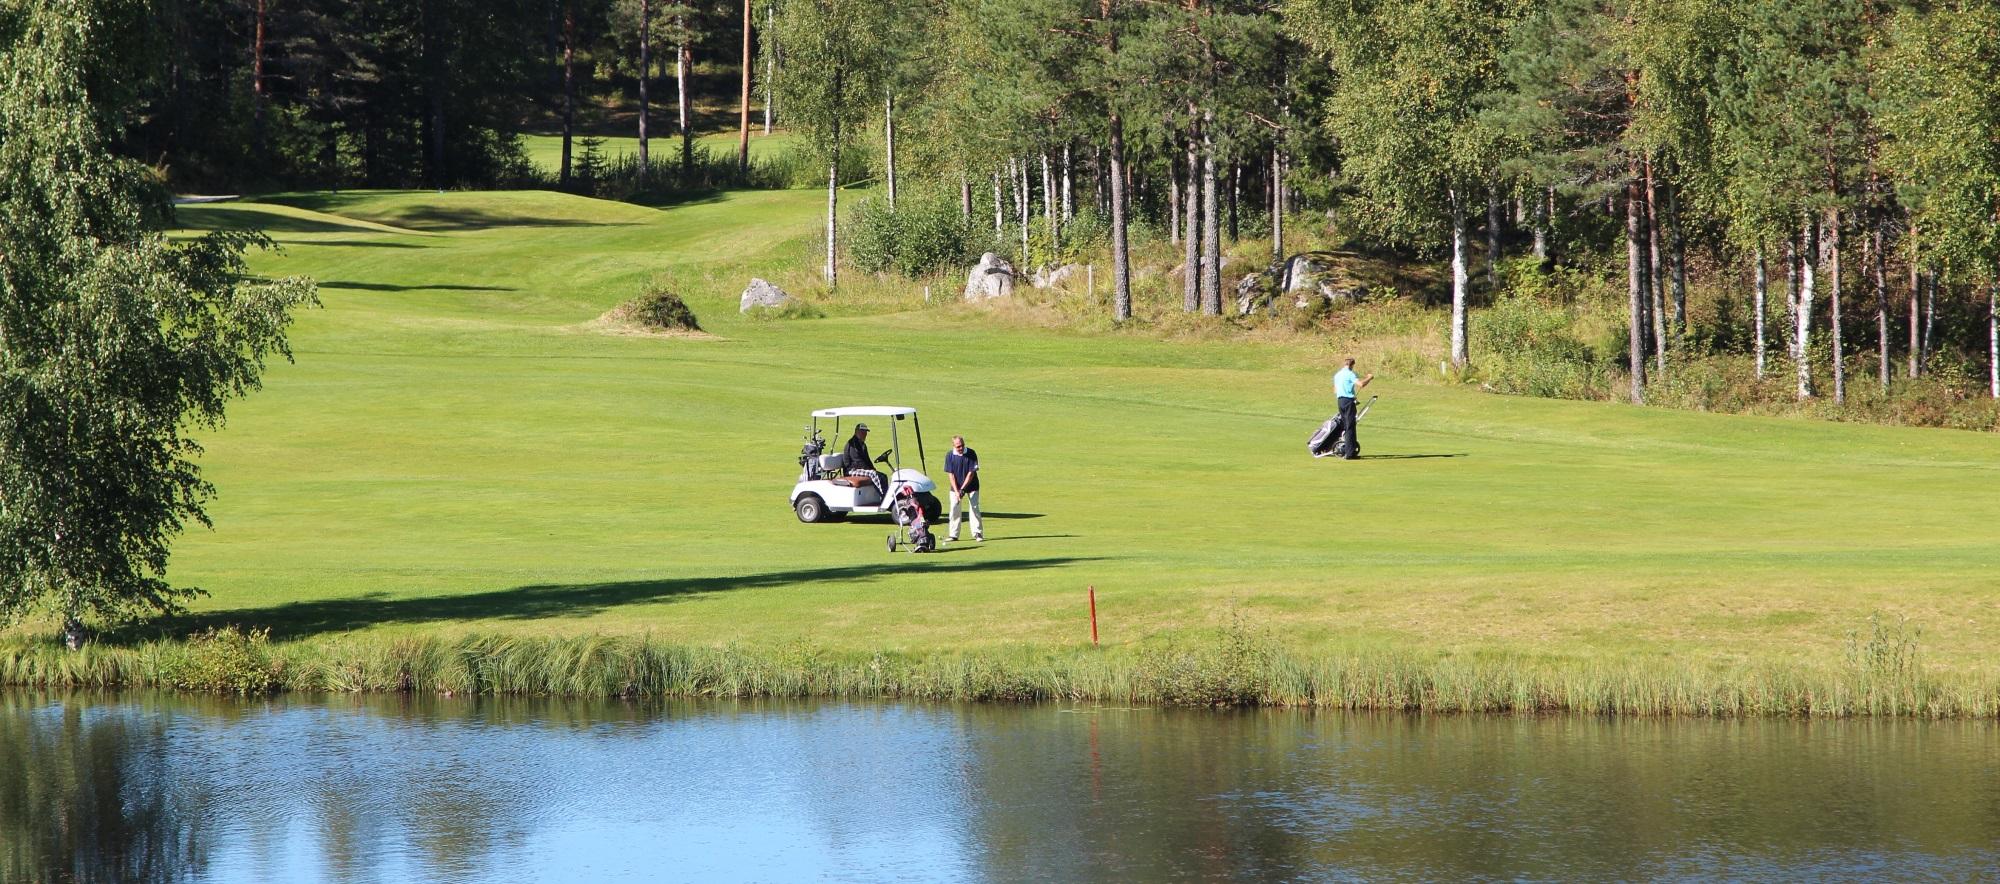 Golf in Savonlinna - Visit Savonlinna